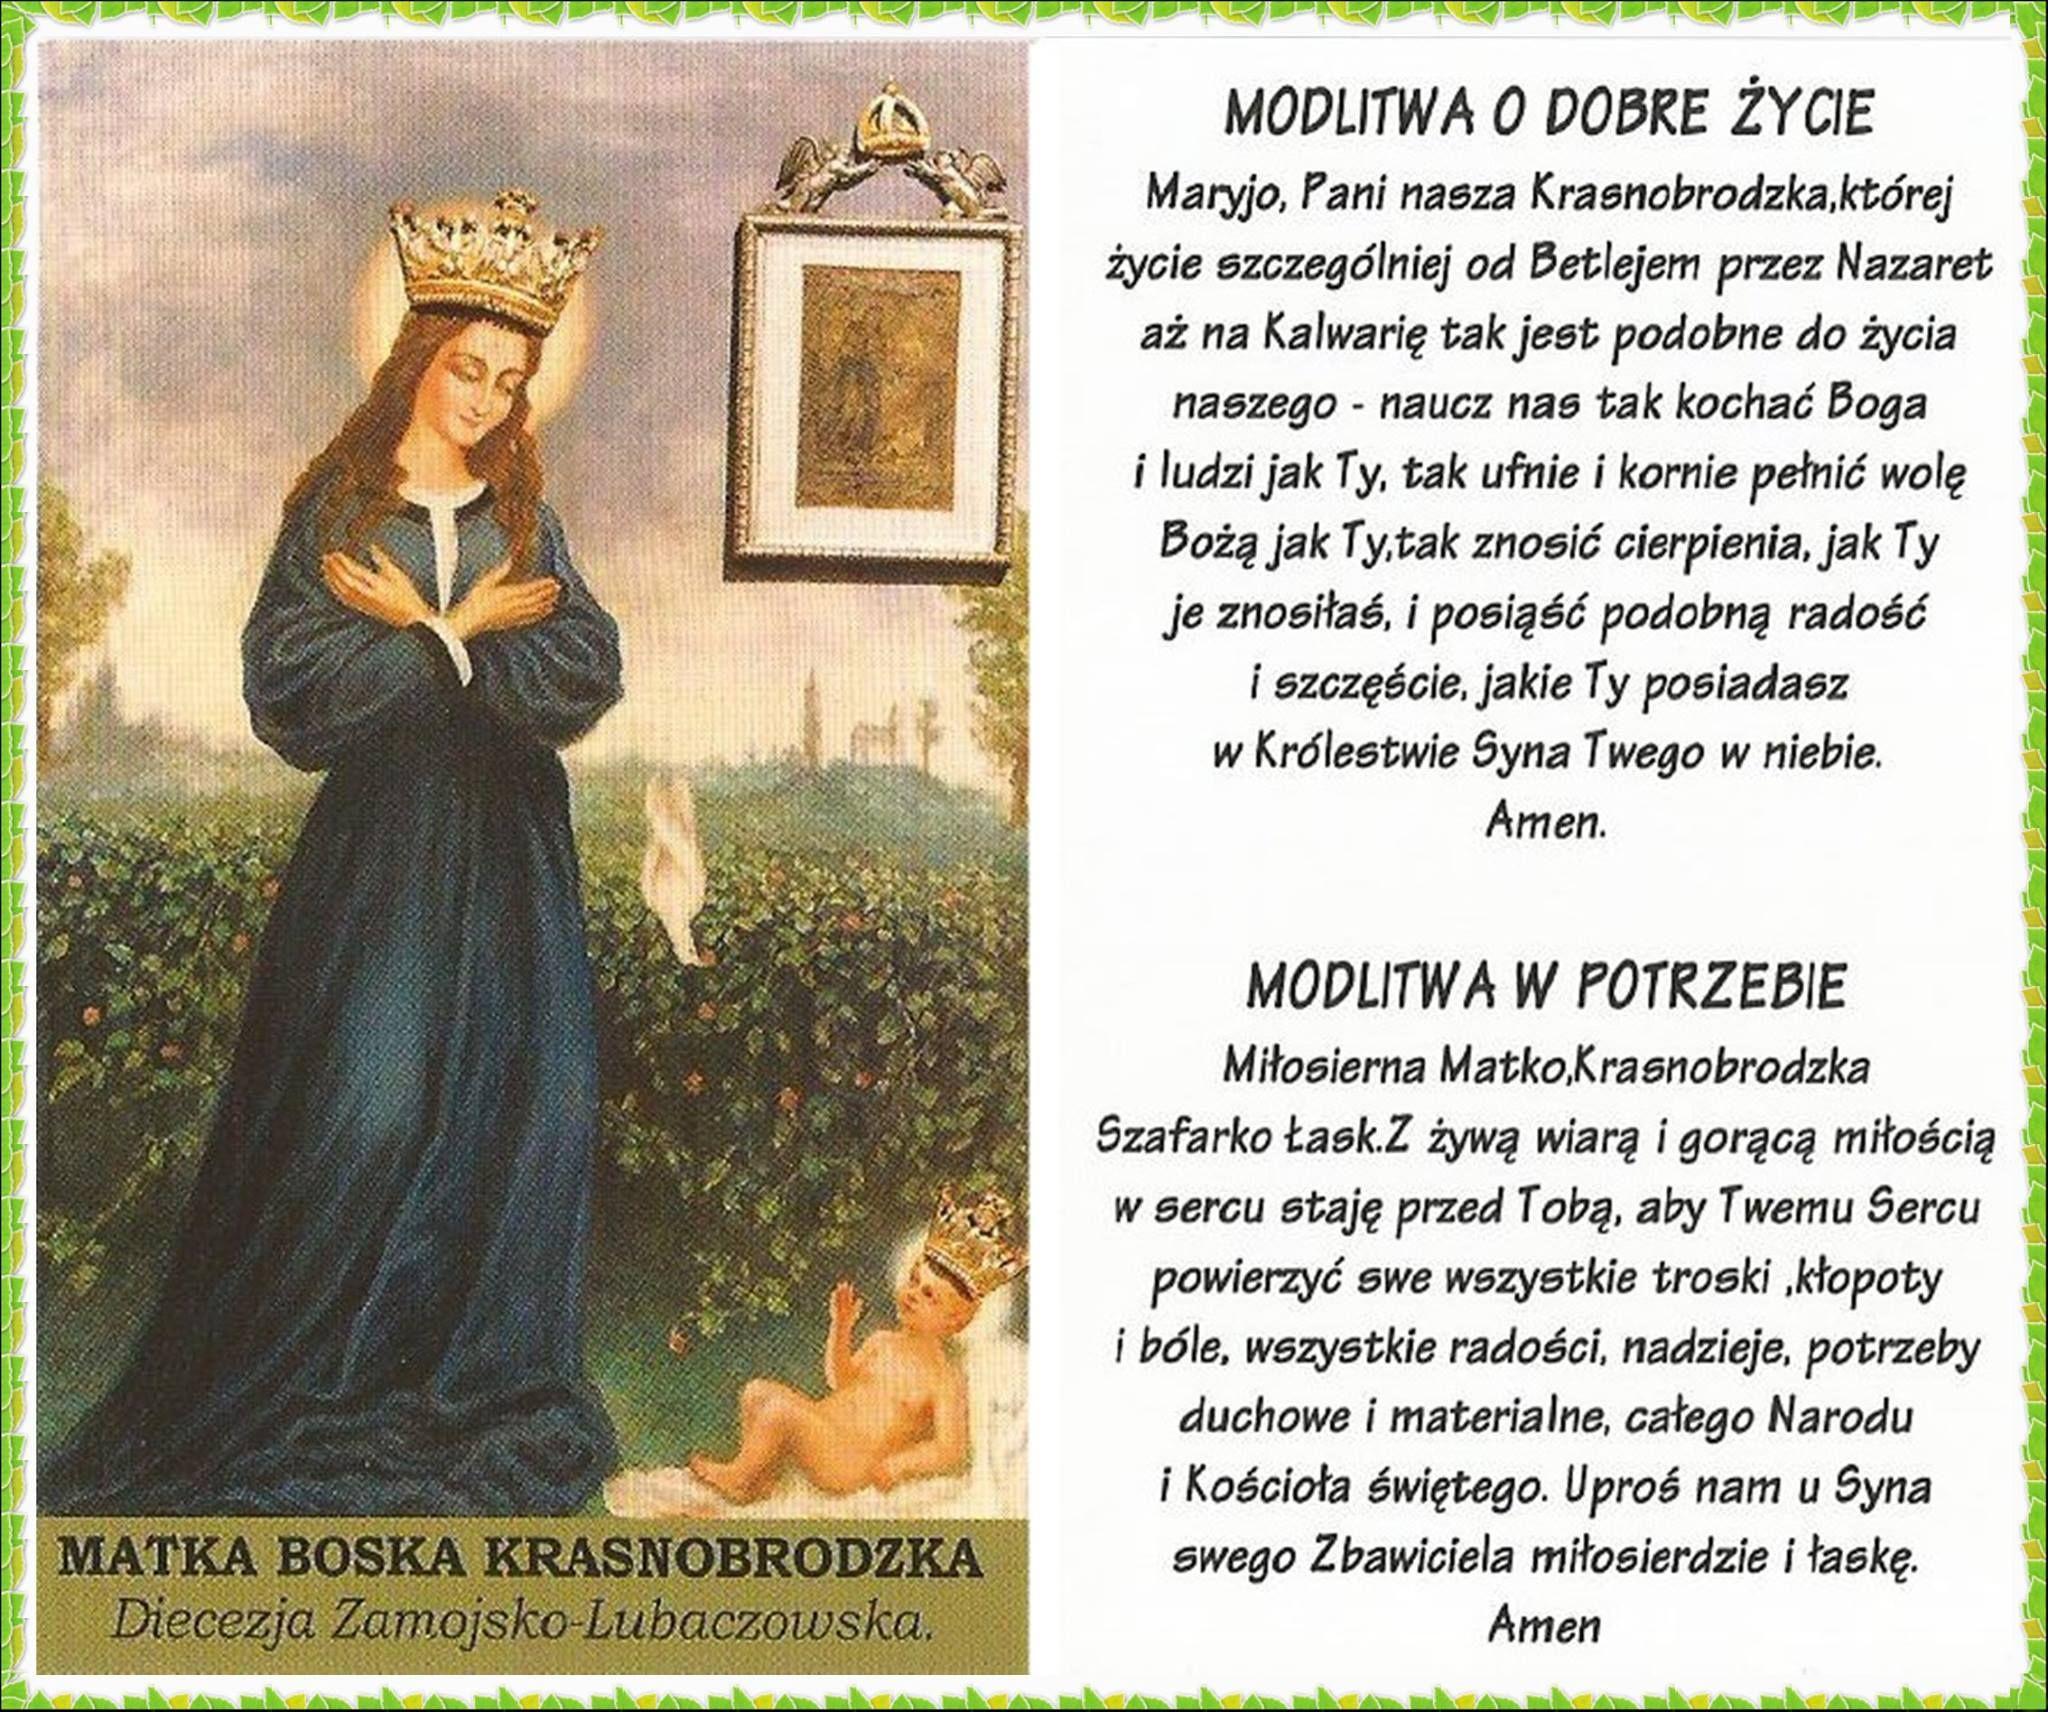 Pin By Krzysztof Zdanowicz On Modlitwy Artwork Mona Lisa